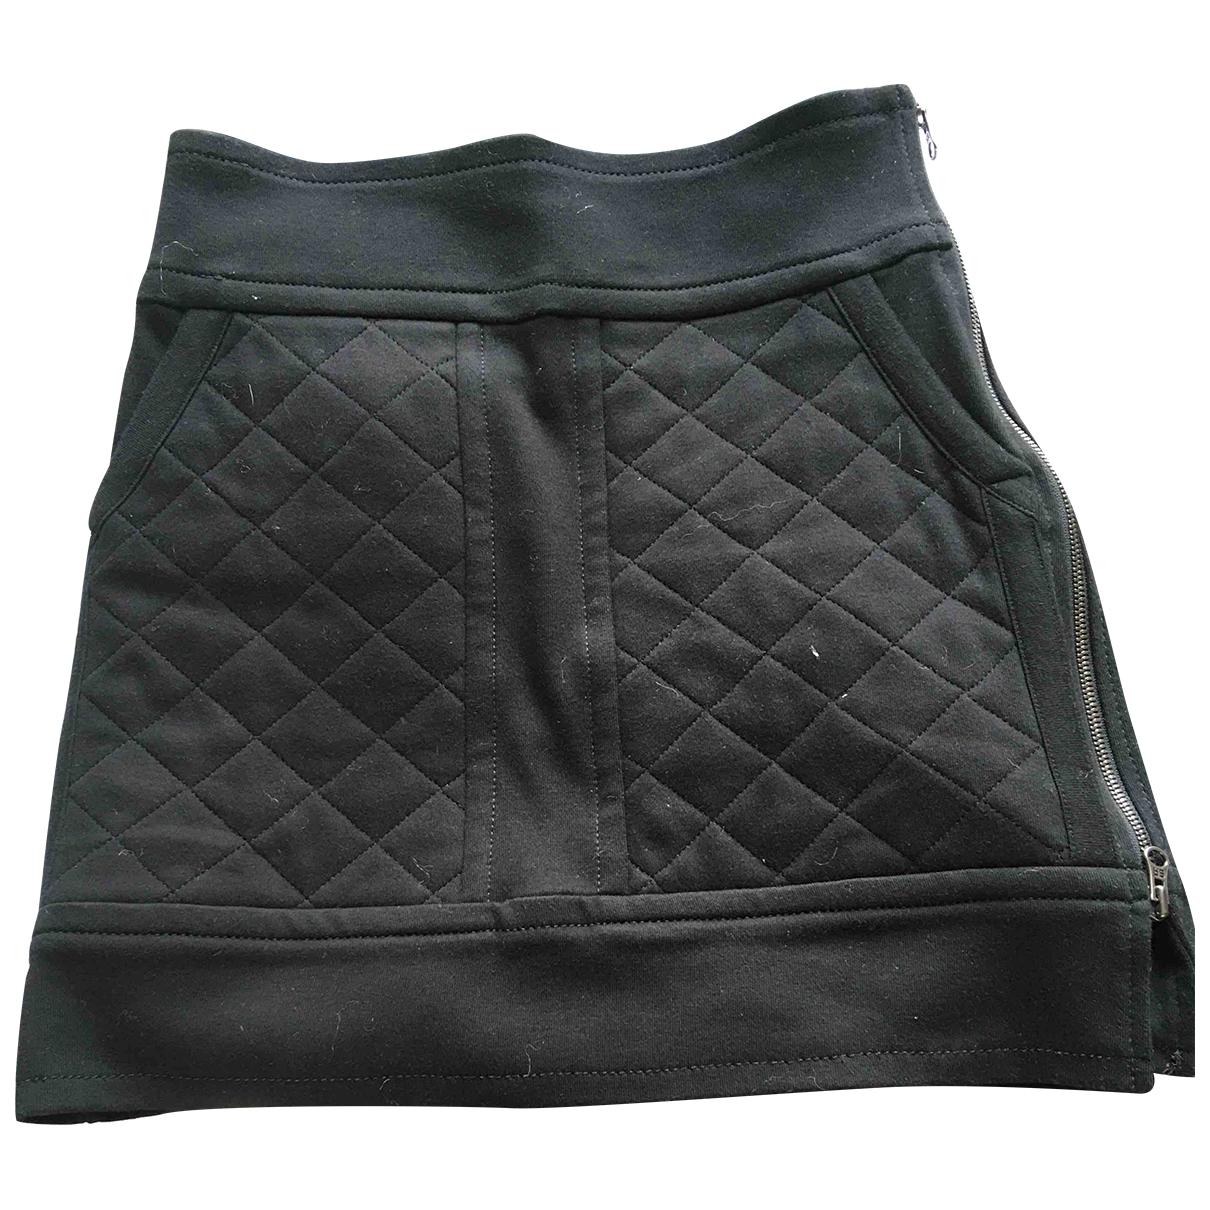 Sonia Rykiel \N Black Cotton skirt for Women 36 FR